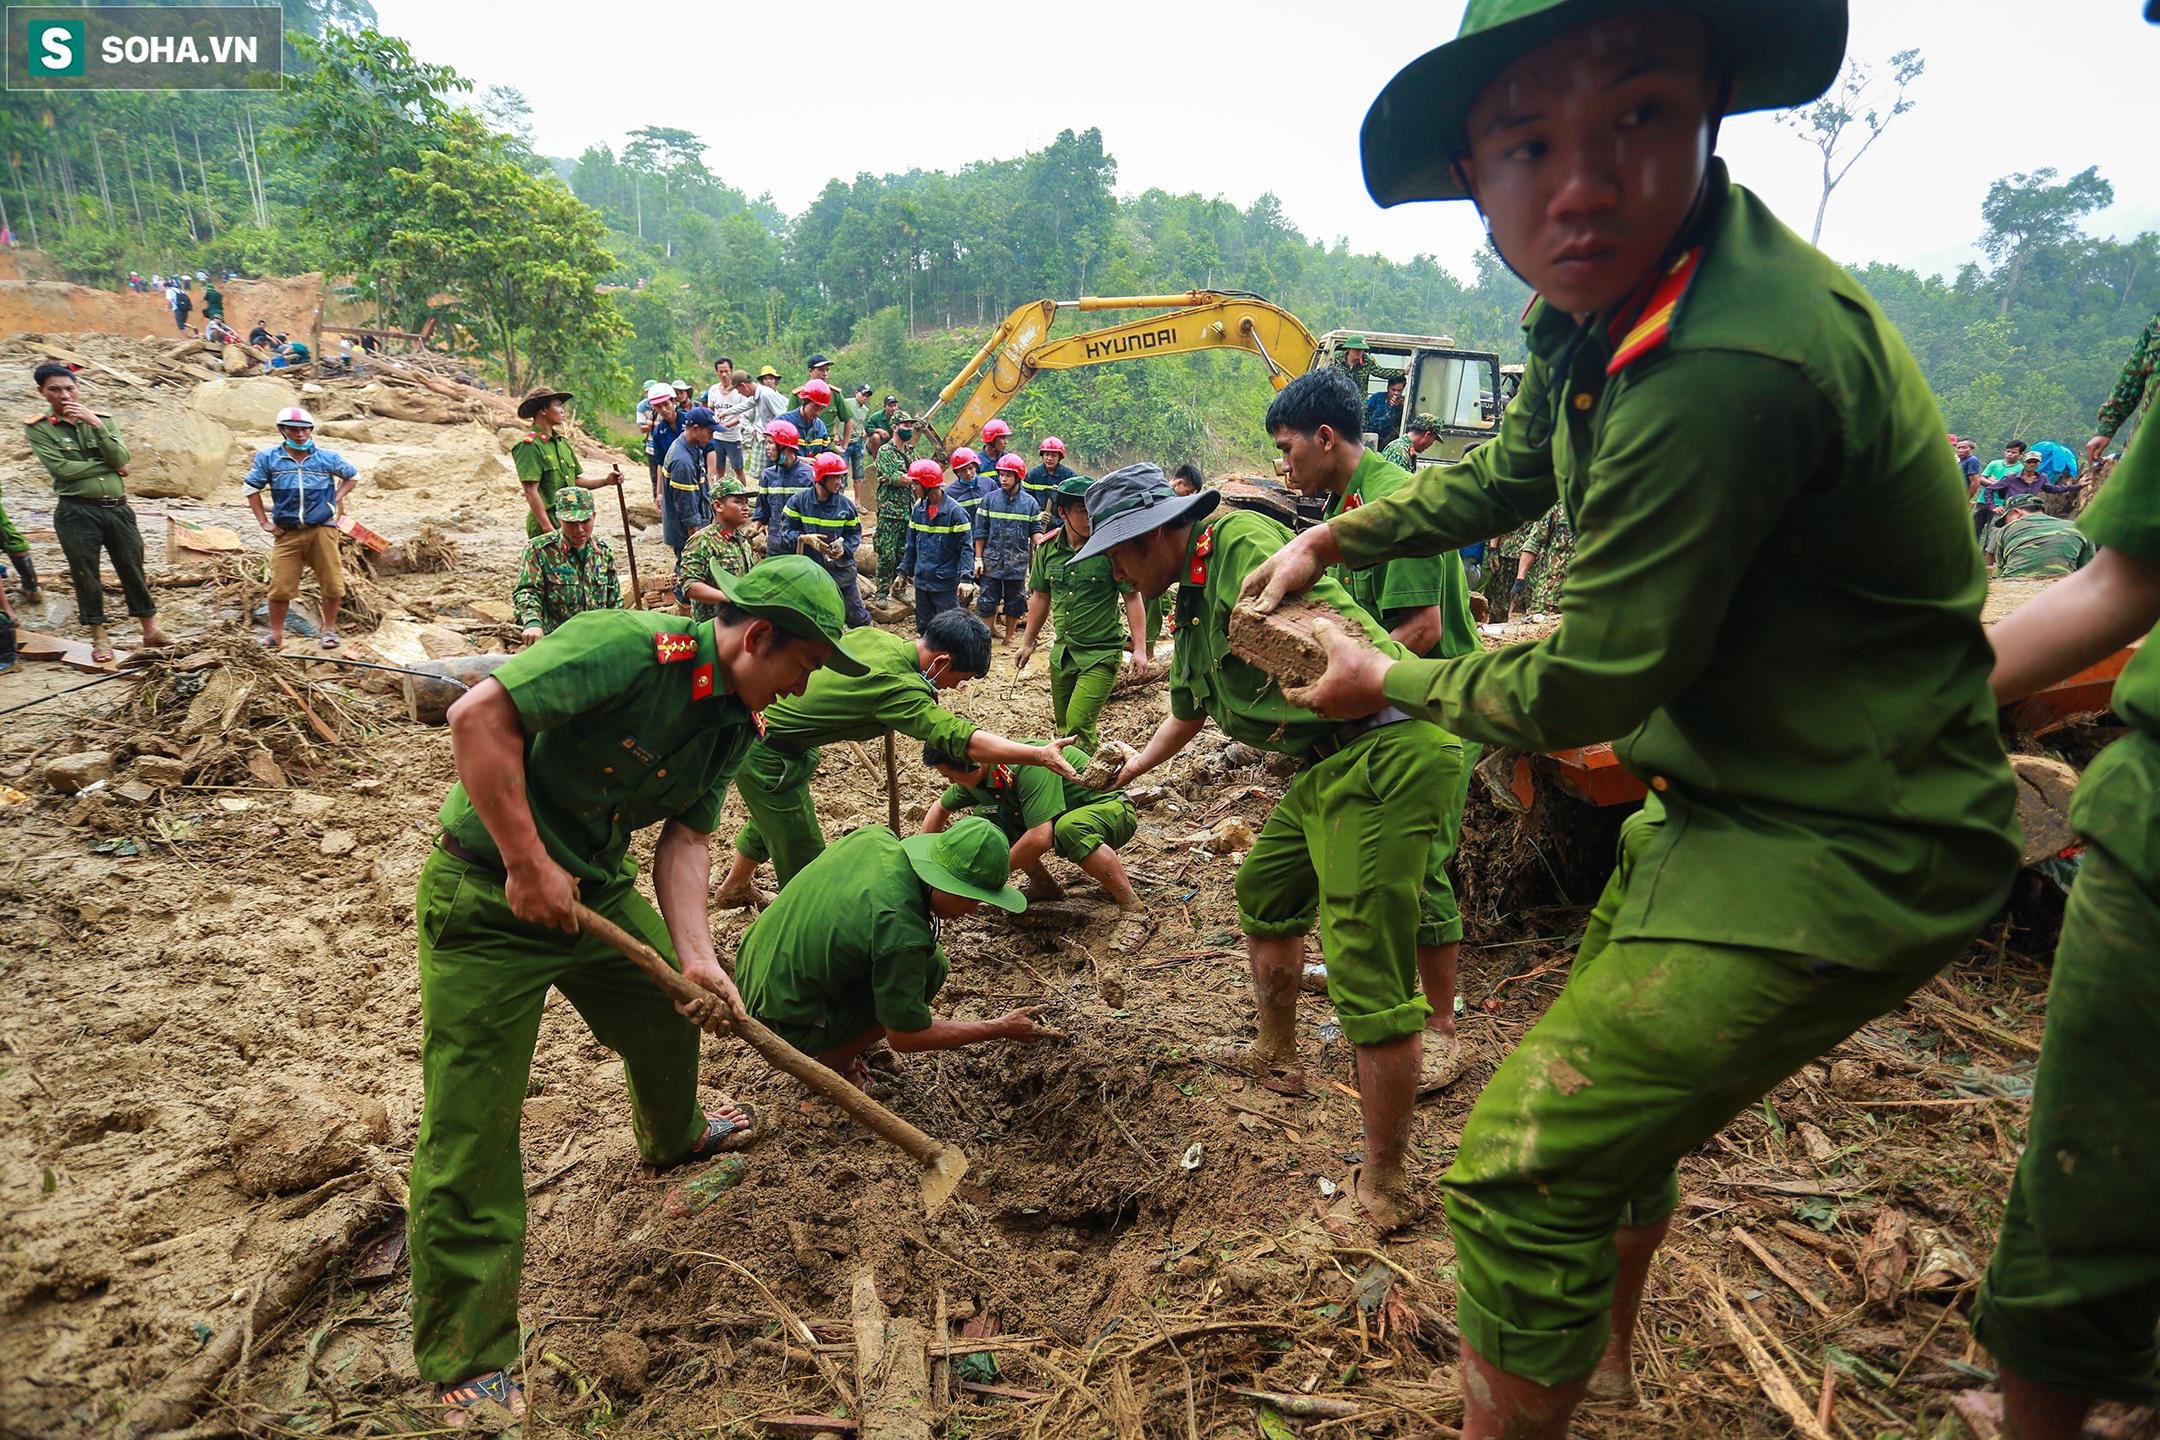 Ảnh: Dân làng khóc nghẹn khi tìm thấy bé trai 10 tháng tuổi dưới lớp bùn đất vụ sạt lở ở Trà Leng - Ảnh 2.